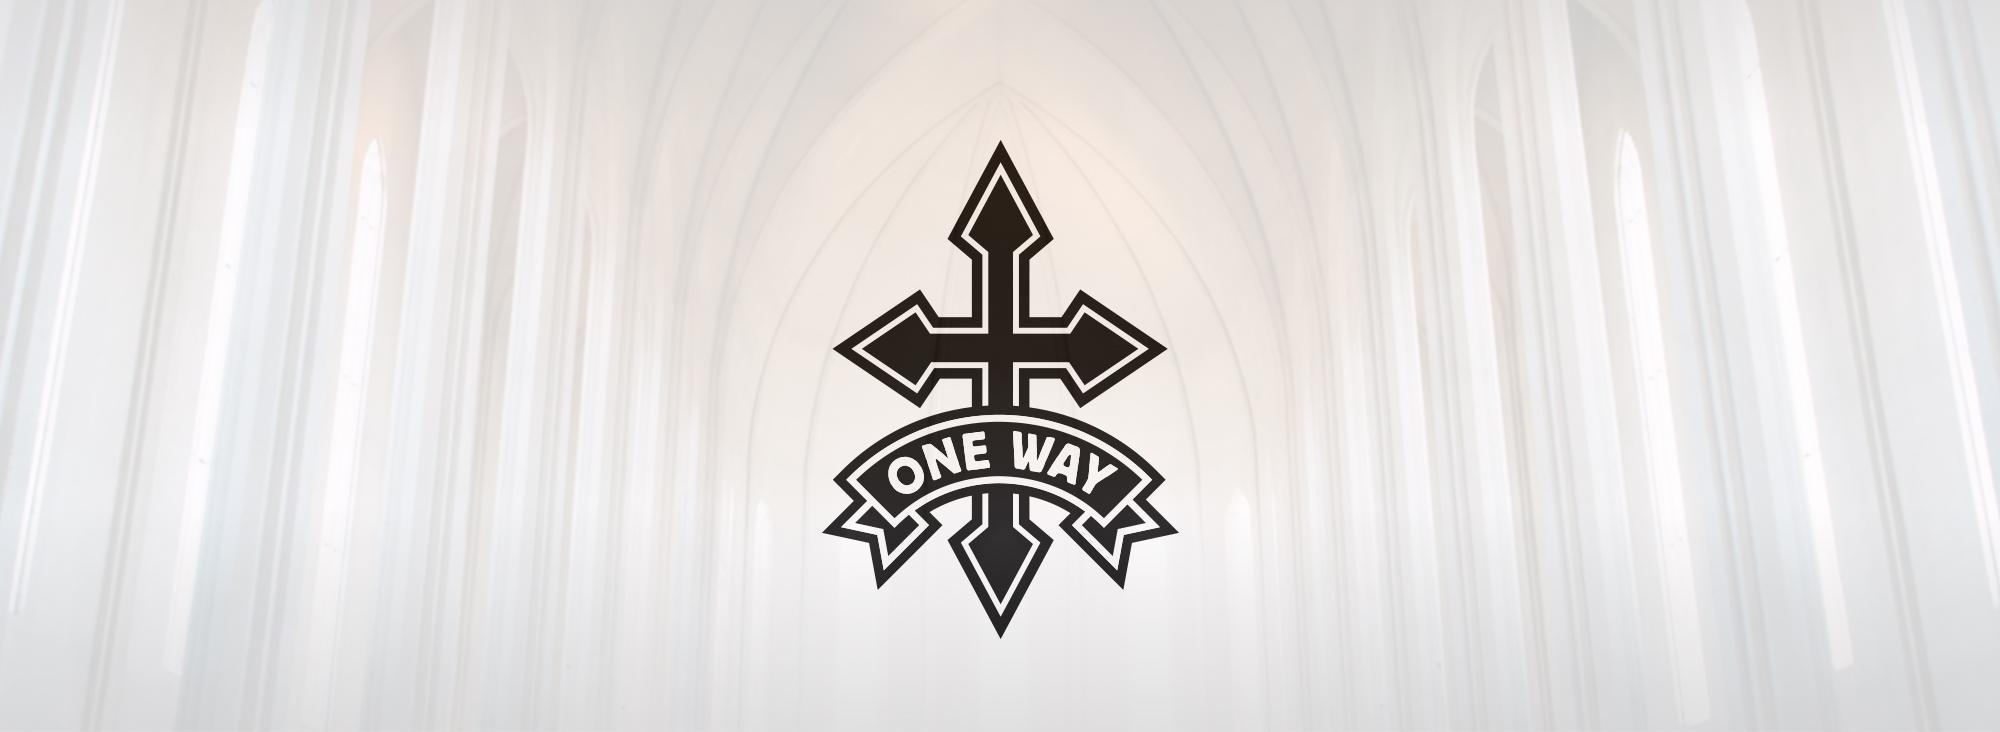 Onewaylogo background